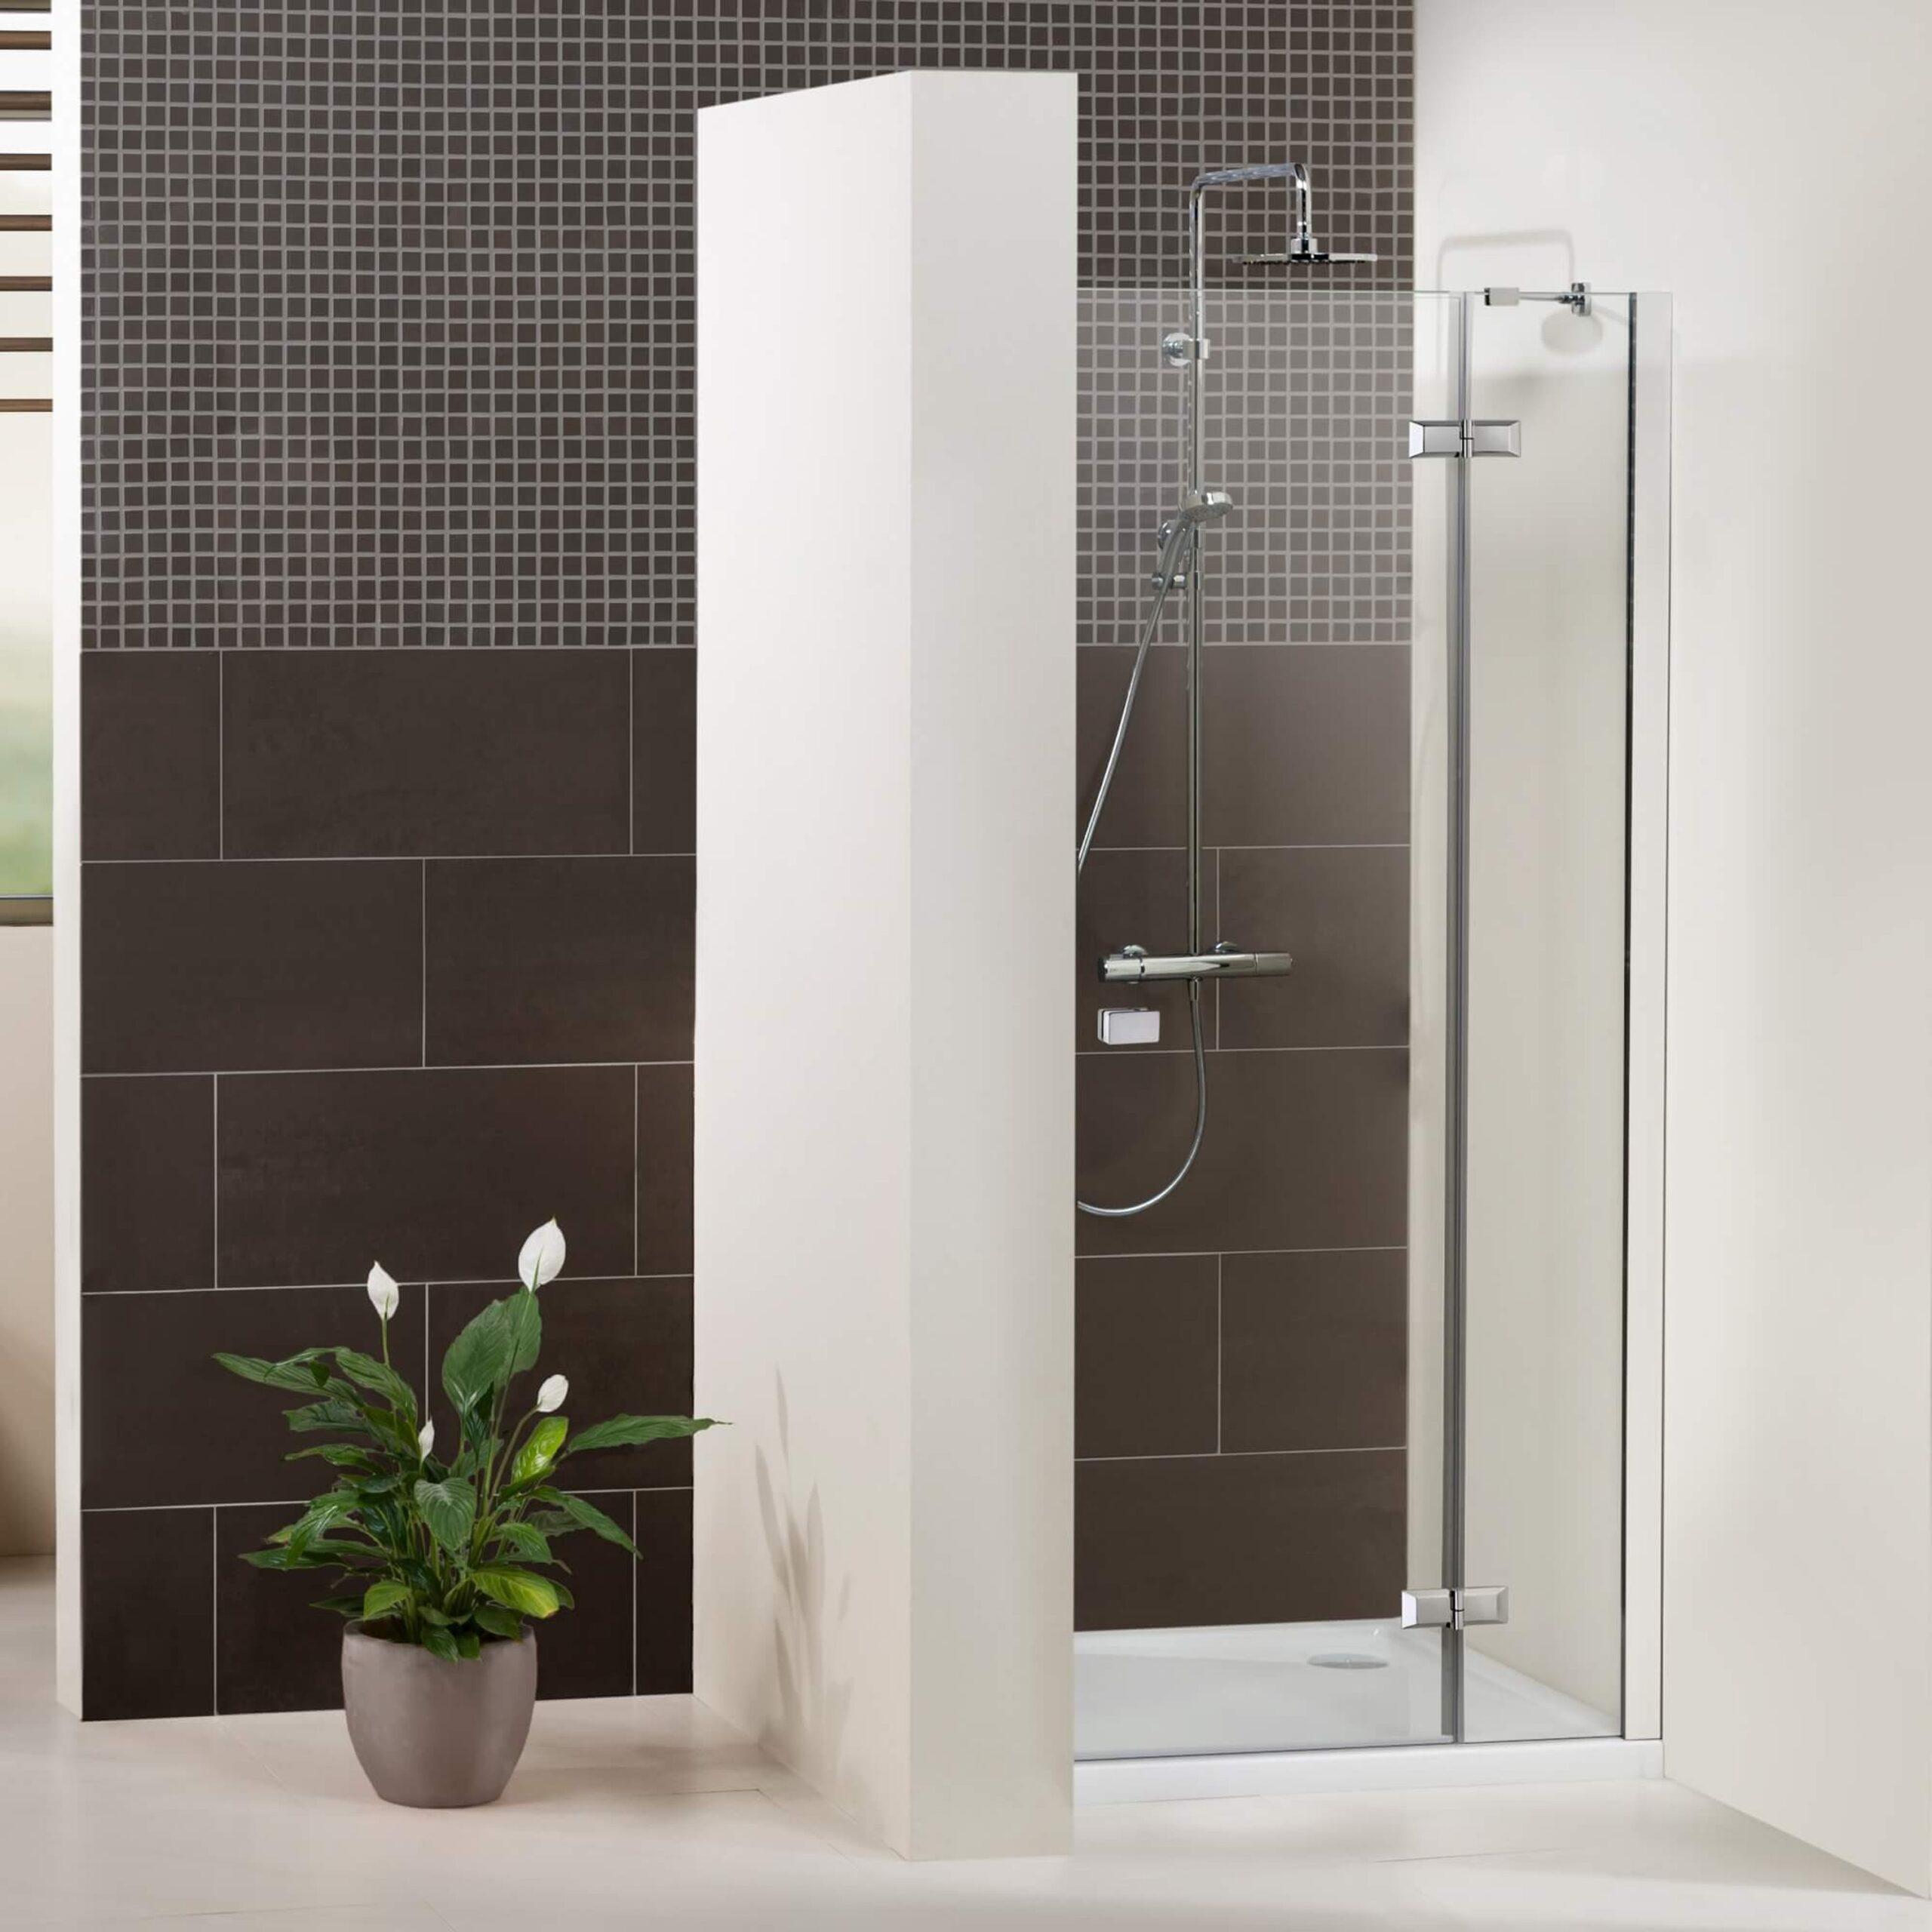 Full Size of Begehbare Duschen Kaufen Glastür Dusche Badewanne Mit Siphon Einhebelmischer Moderne Bodengleiche Einbauen Hsk Ebenerdige Raindance Nischentür Unterputz Dusche Glastür Dusche